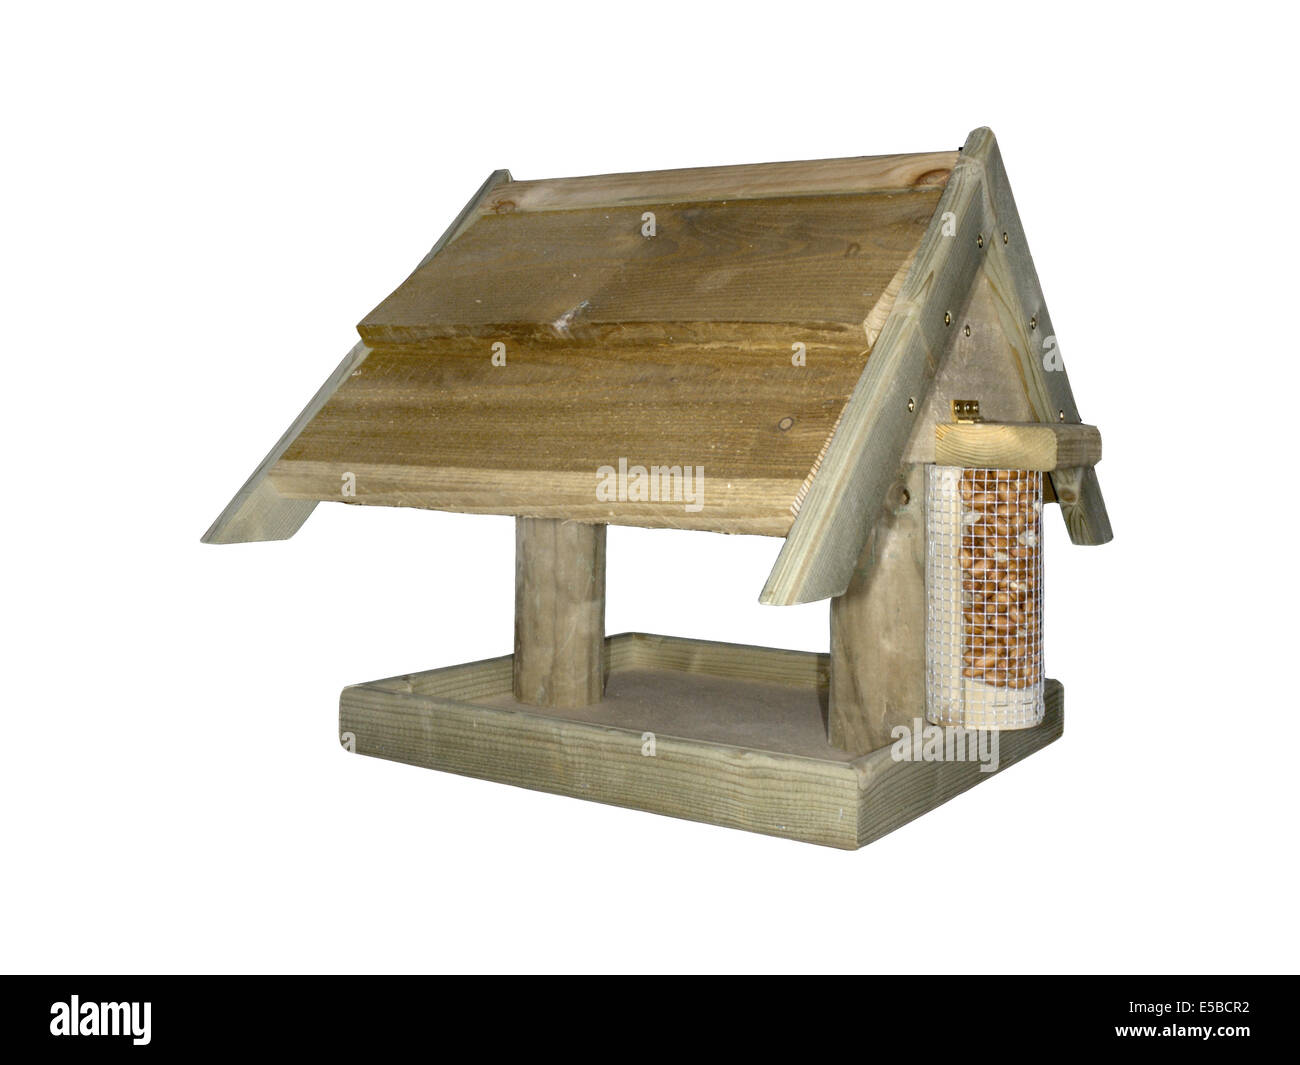 Wooden Bird Table. A common design for feeding garden birds. - Stock Image